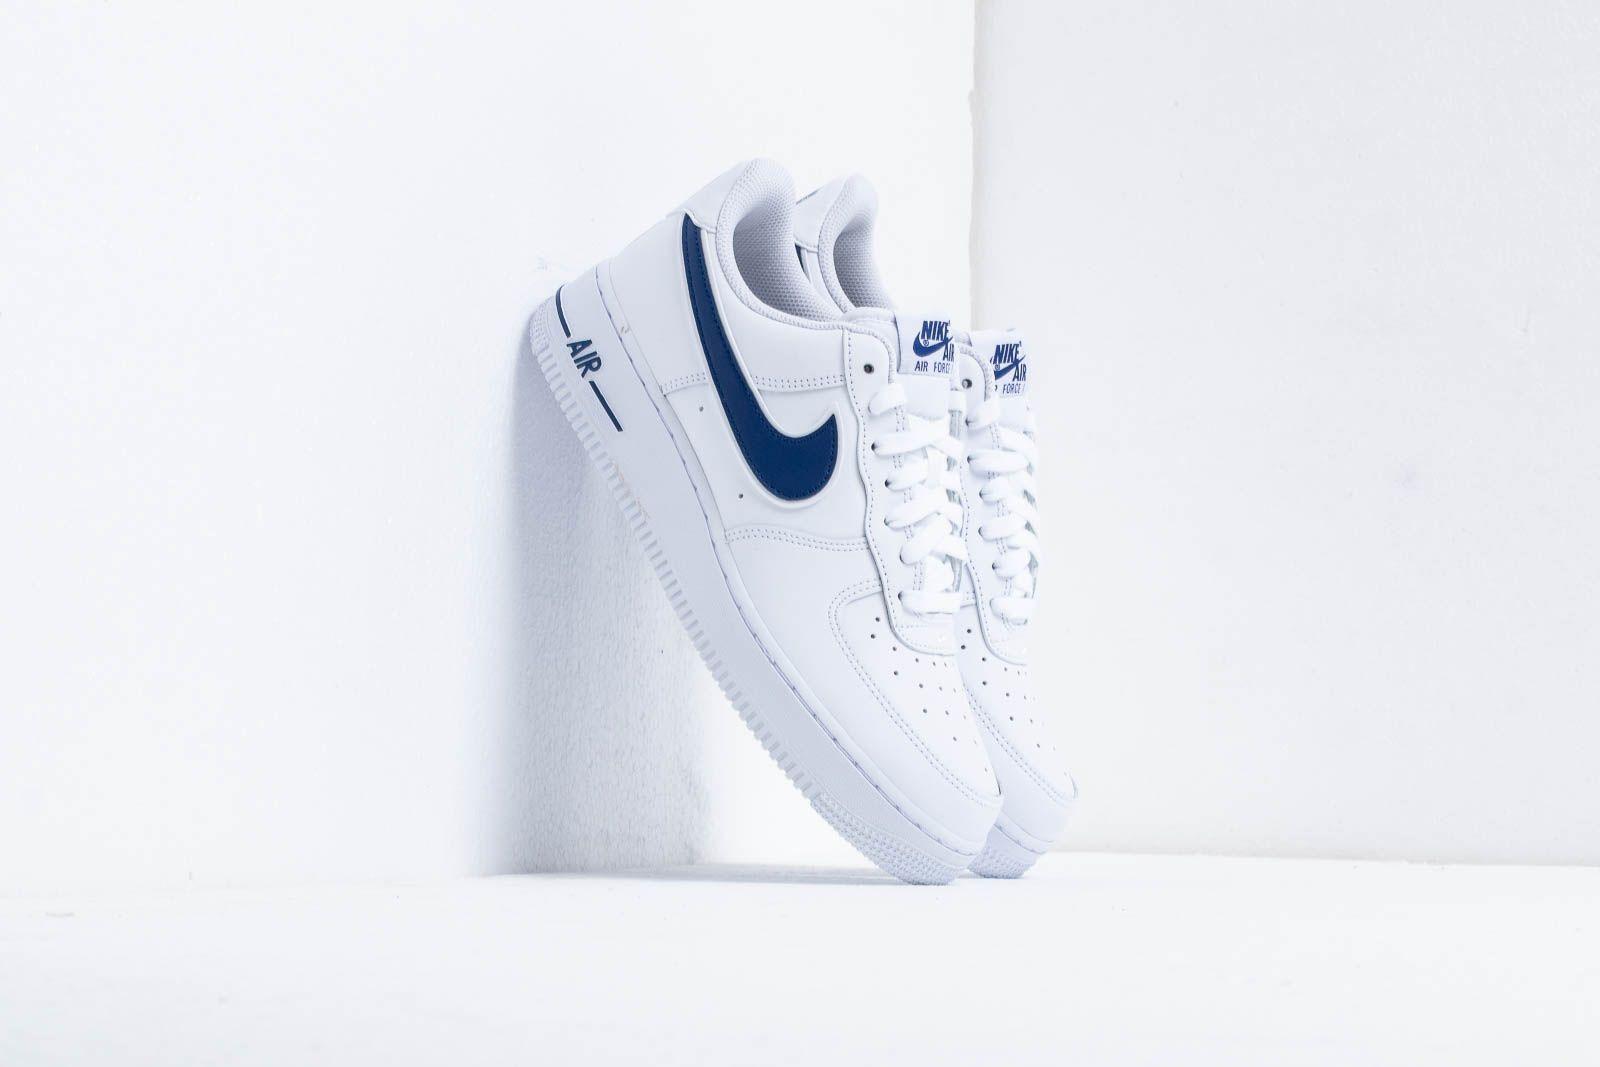 Nike Air Force 1 07 3 Uomo, White Deep Royal | Graffitishop